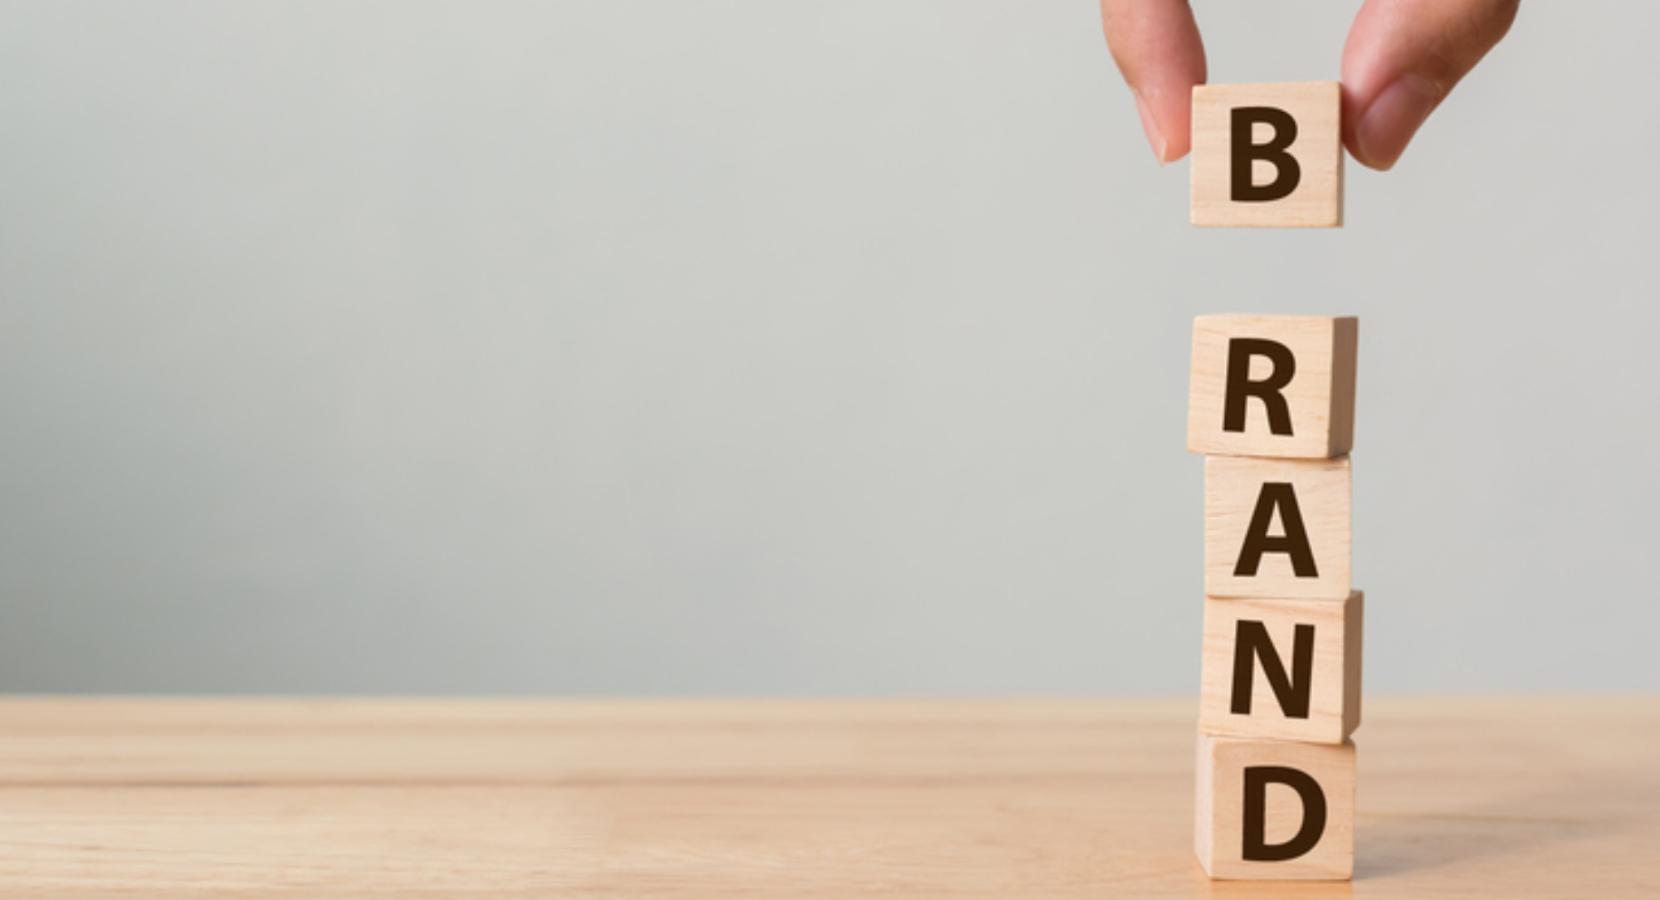 original 10642e4675b303900ede17f58249a2cc - Como cuidar do branding em tempos de crise e manter a imagem da marca?